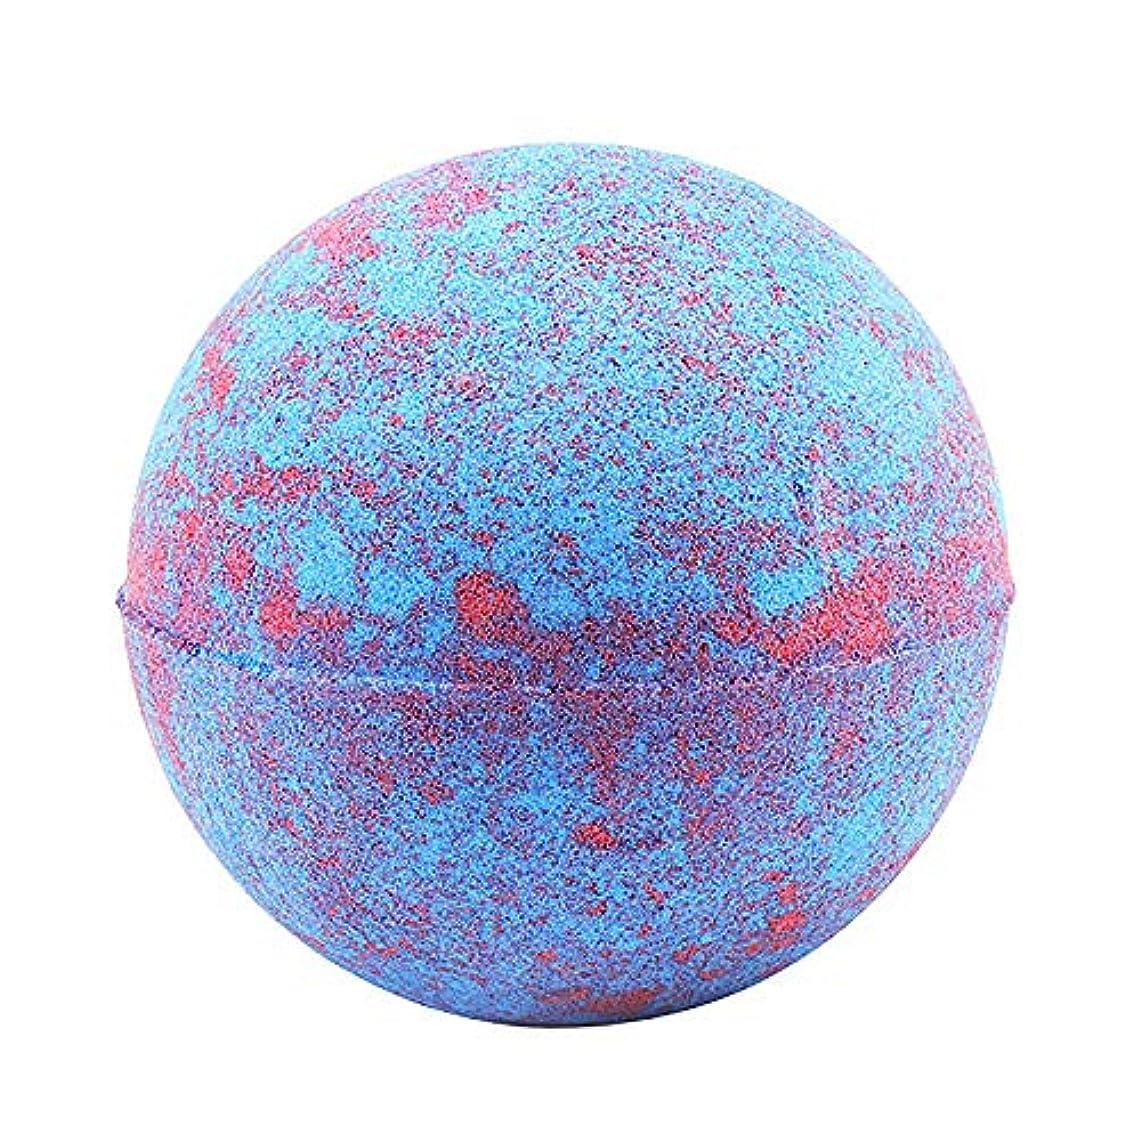 いつもタイヤ工業用子供の子供の男の子の誕生日クリスマス新年の贈り物のための子供の子供の男の子の子供の子供の中にビーサッカーボールのおもちゃと100グラムナチュラルSPAバスソルトボムボール